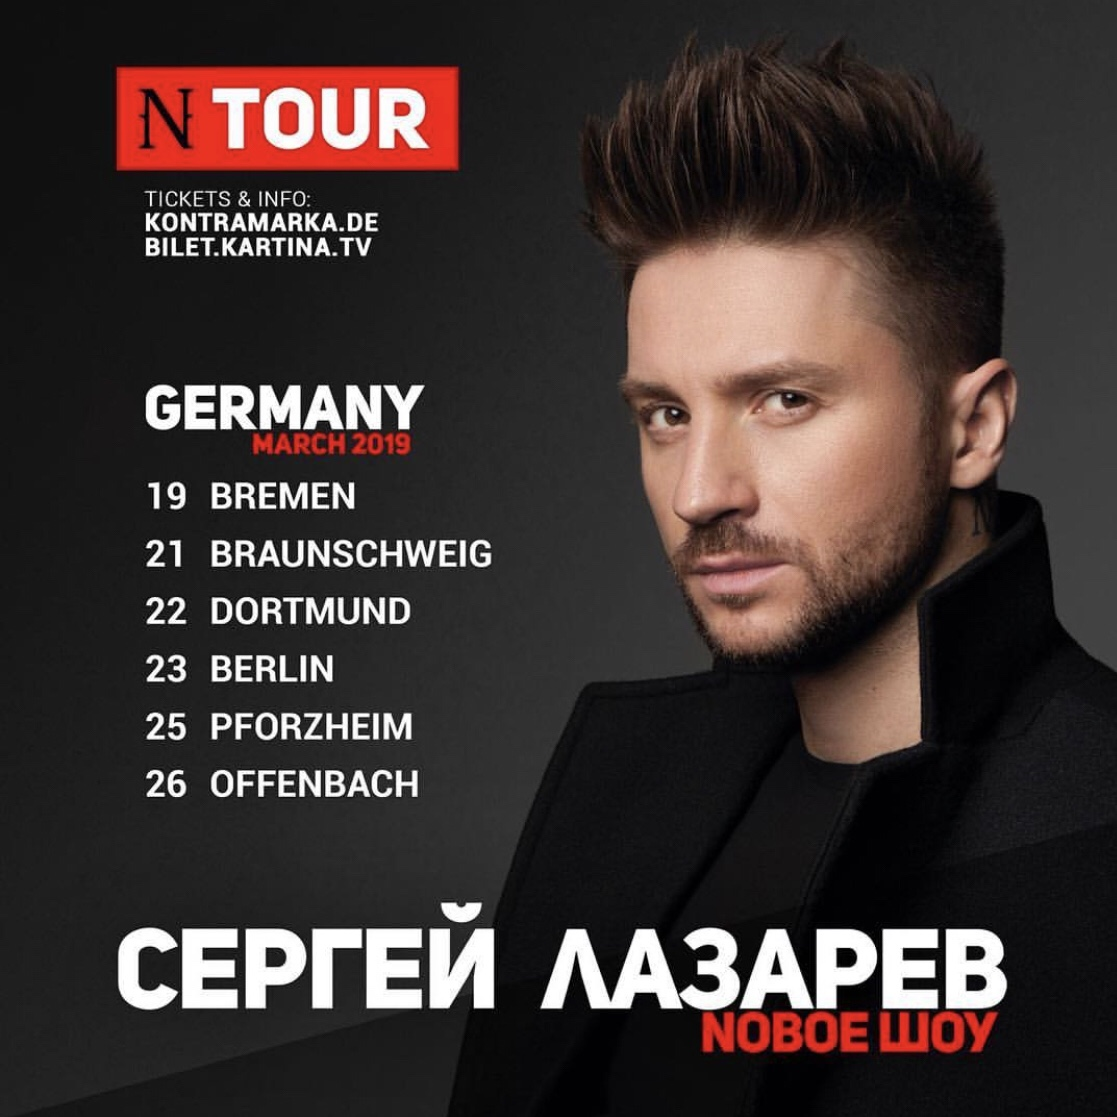 Sergey Lazarev startet morgen seine Deutschland-Tour